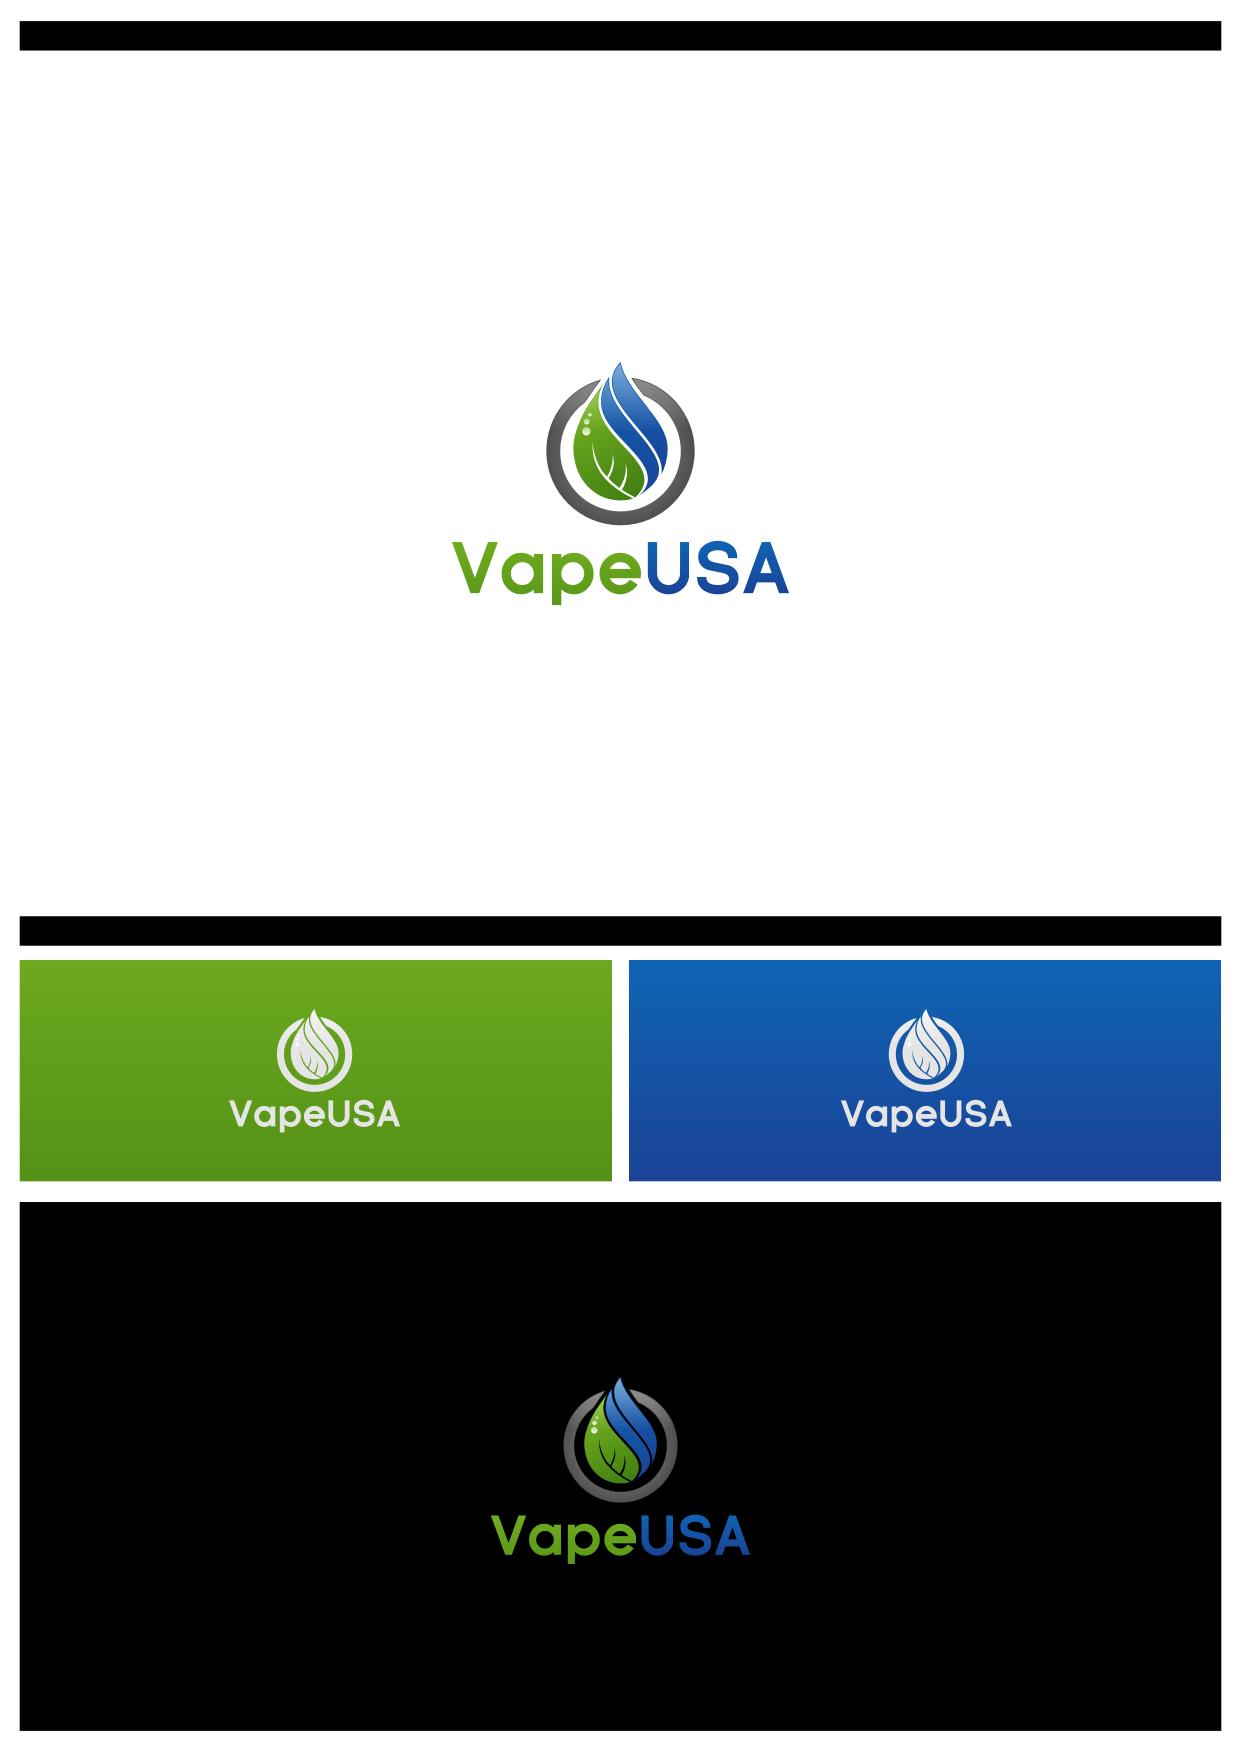 Design a modern and catchy design for VapeUSA.com